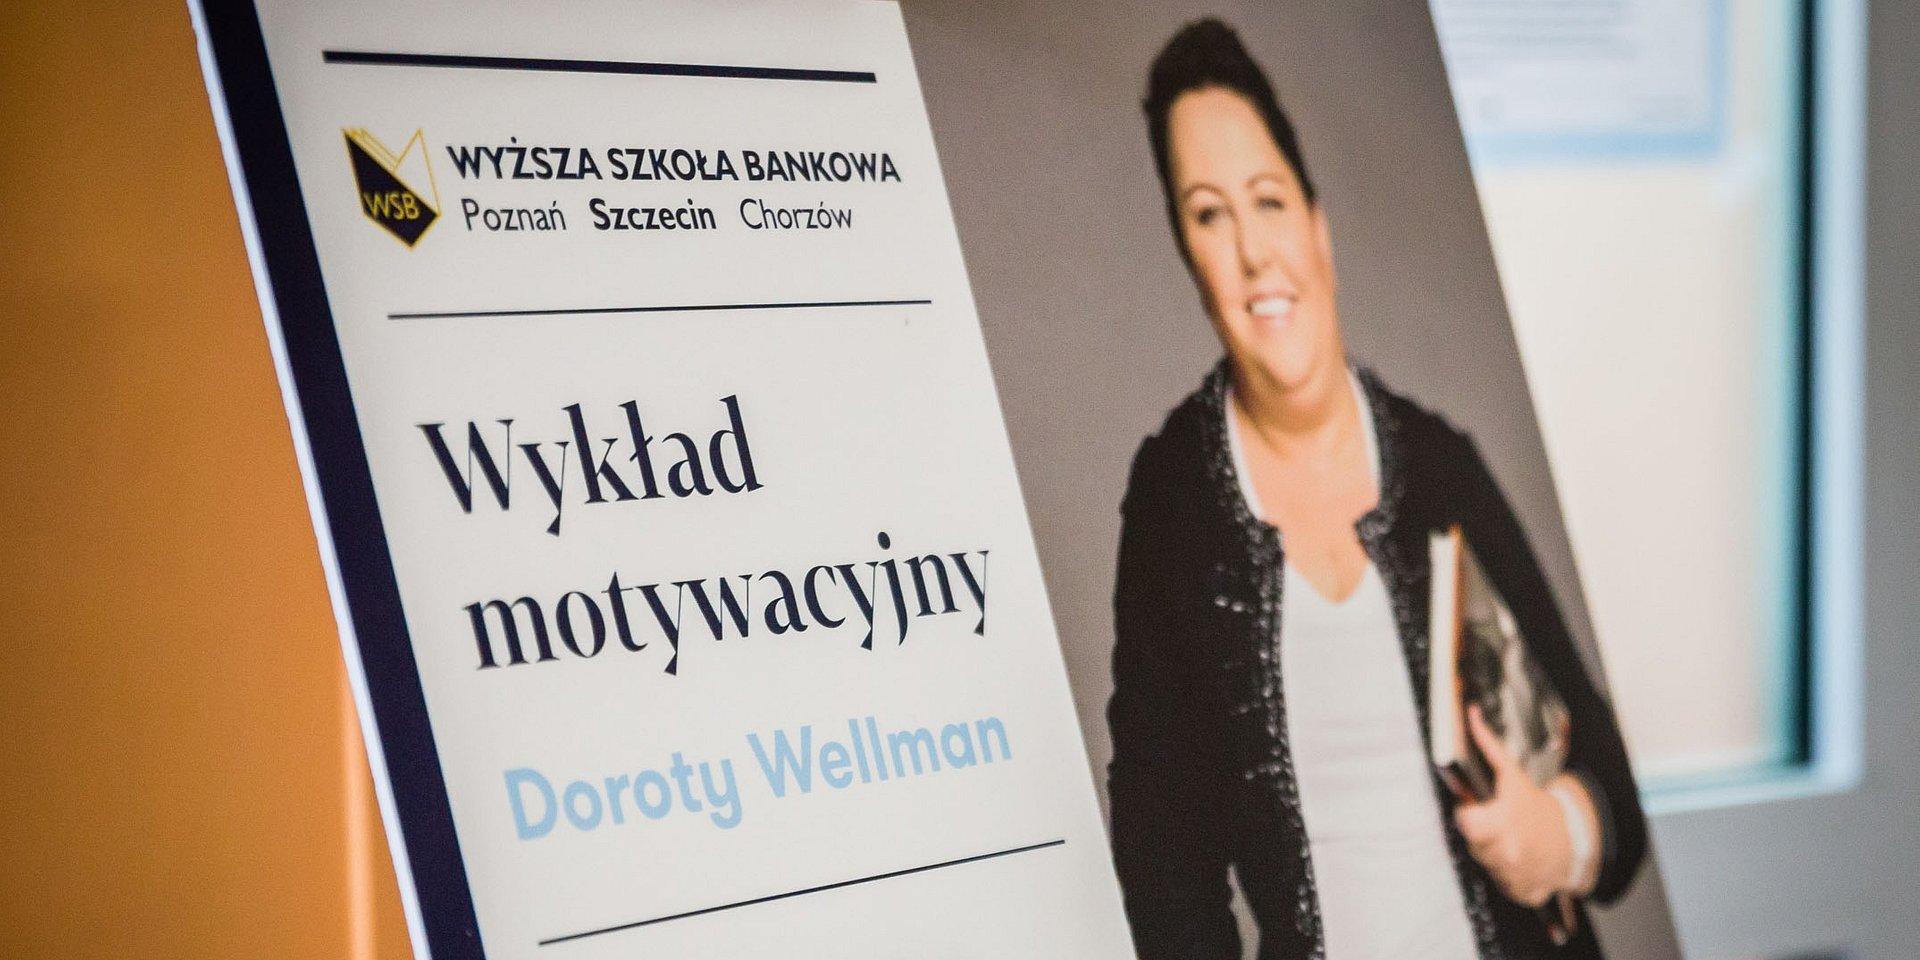 Dorota Wellman opowiedziała o tym, dlaczego nie warto bać się zmian.